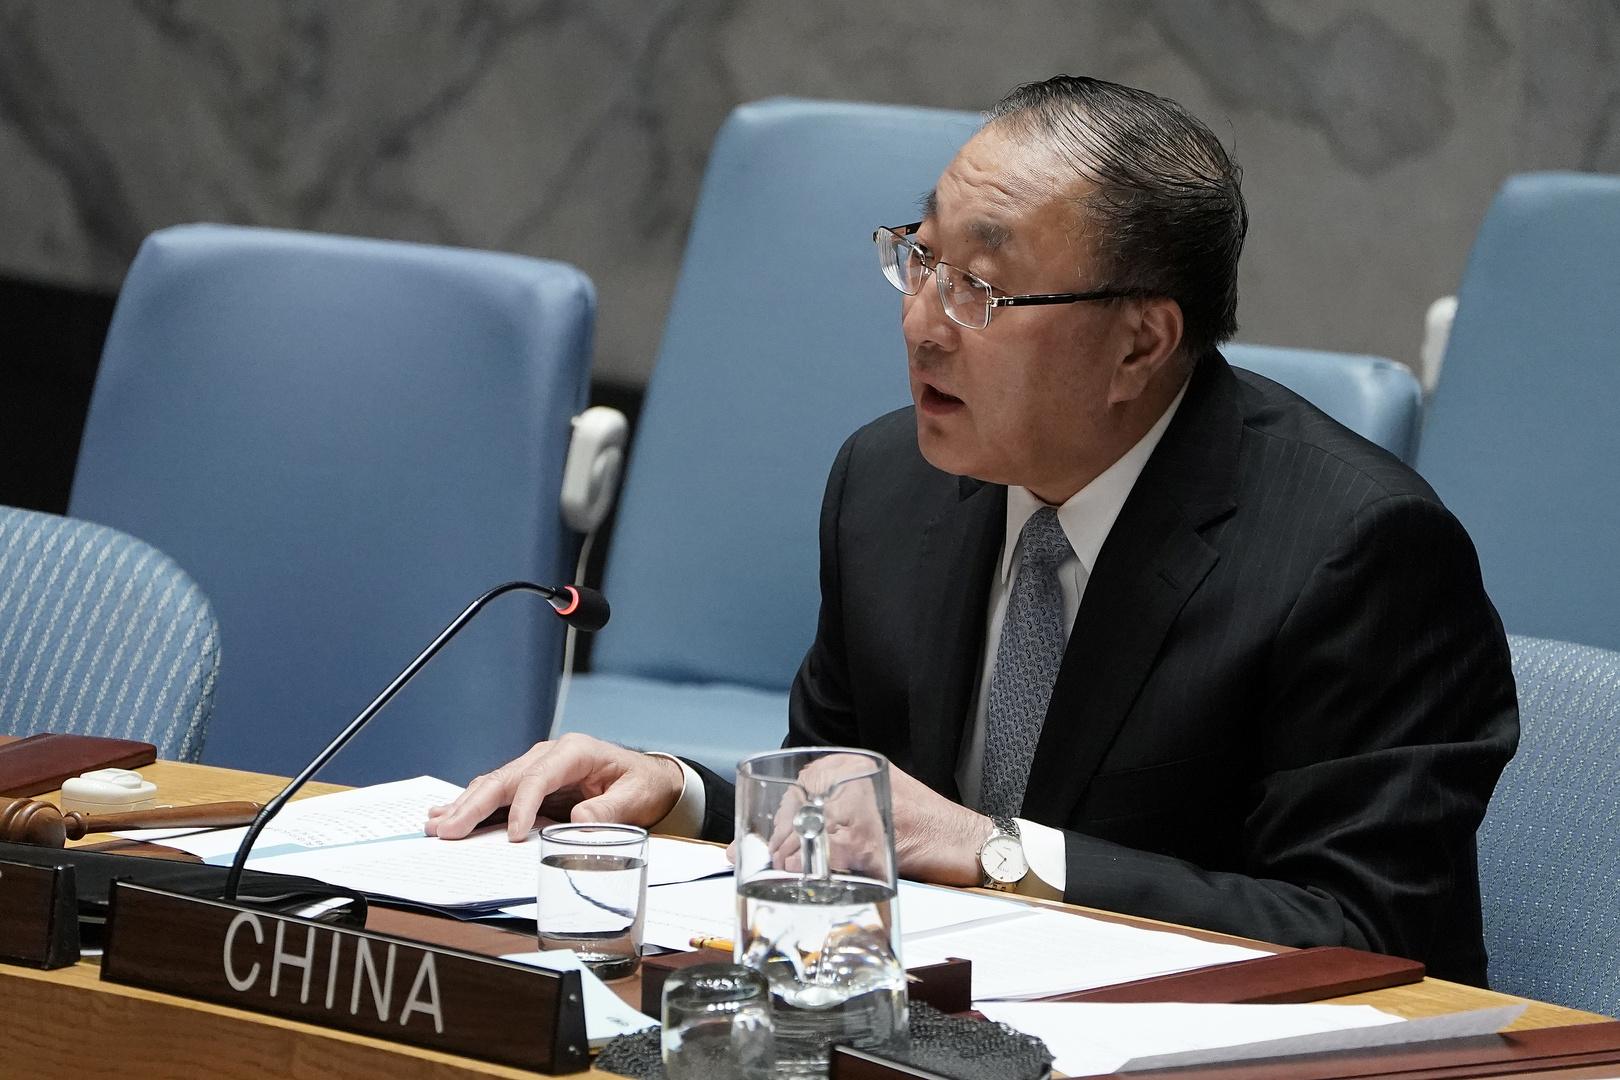 الصين: يجب وقف إطلاق النار فورا وتحقيق حل عادل للقضية الفلسطينية